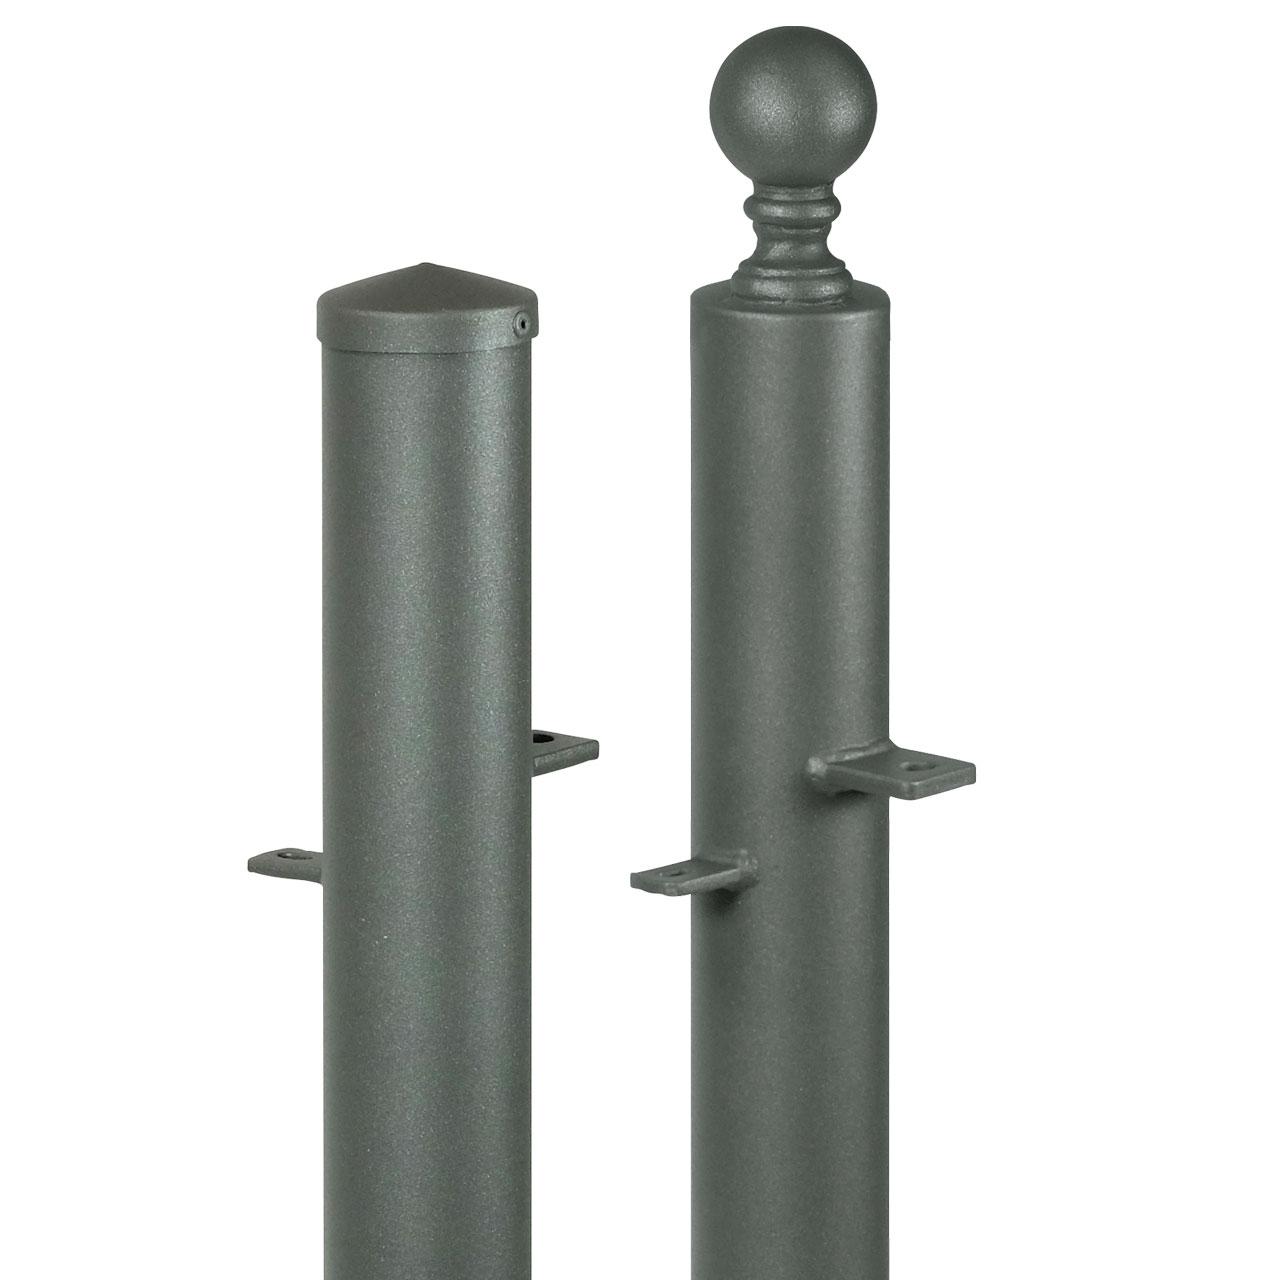 pfostenset toranlage rund h 90cm pfostenset toranlage rund h 90cm parkallee metallzaun. Black Bedroom Furniture Sets. Home Design Ideas